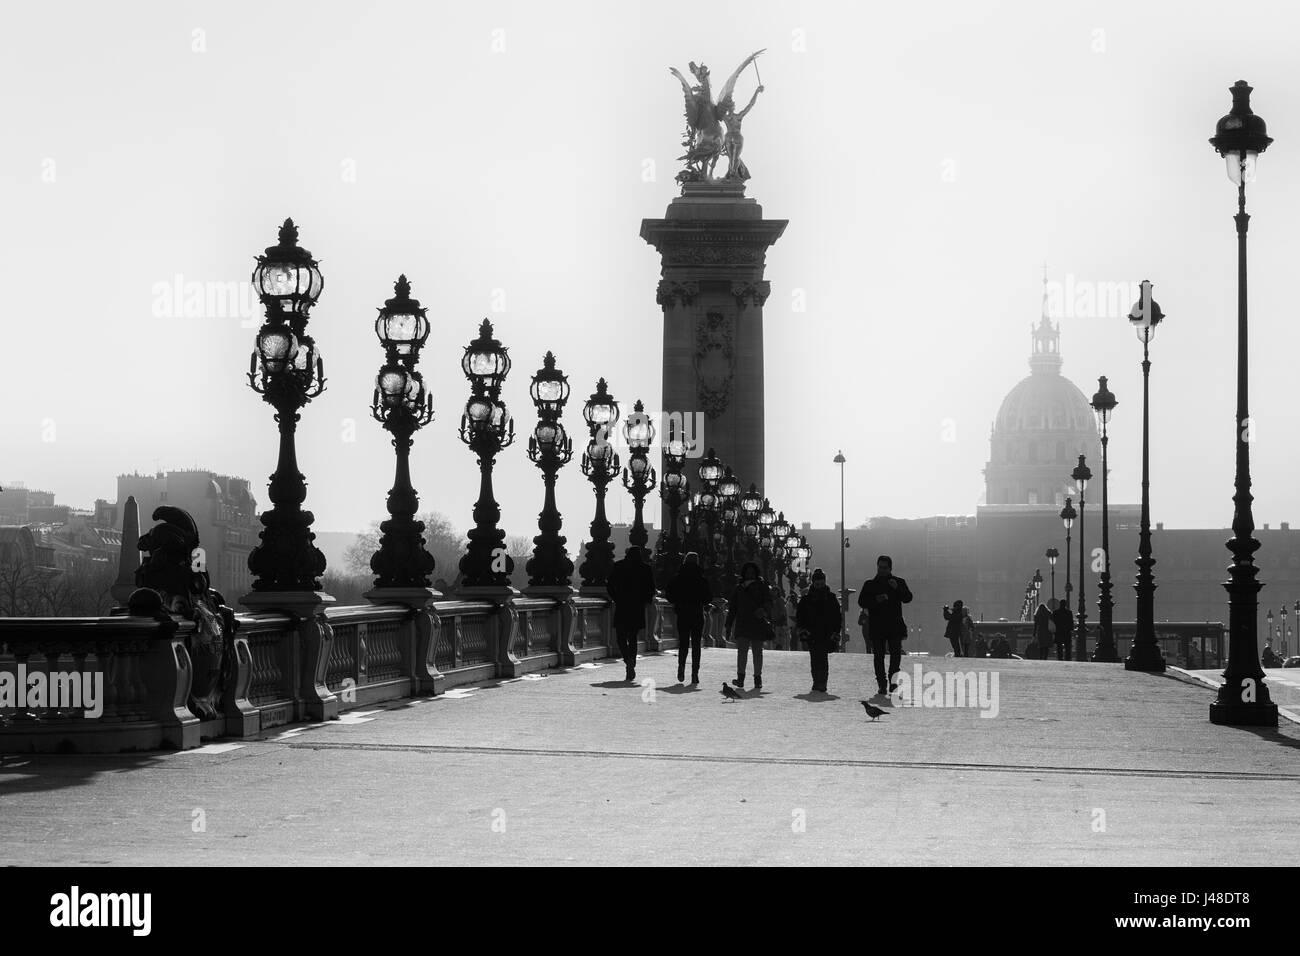 La gente cammina sullo storico ponte Alexandre III ( Pont Alexandre III ) a Parigi. Immagine in bianco e nero. Immagini Stock